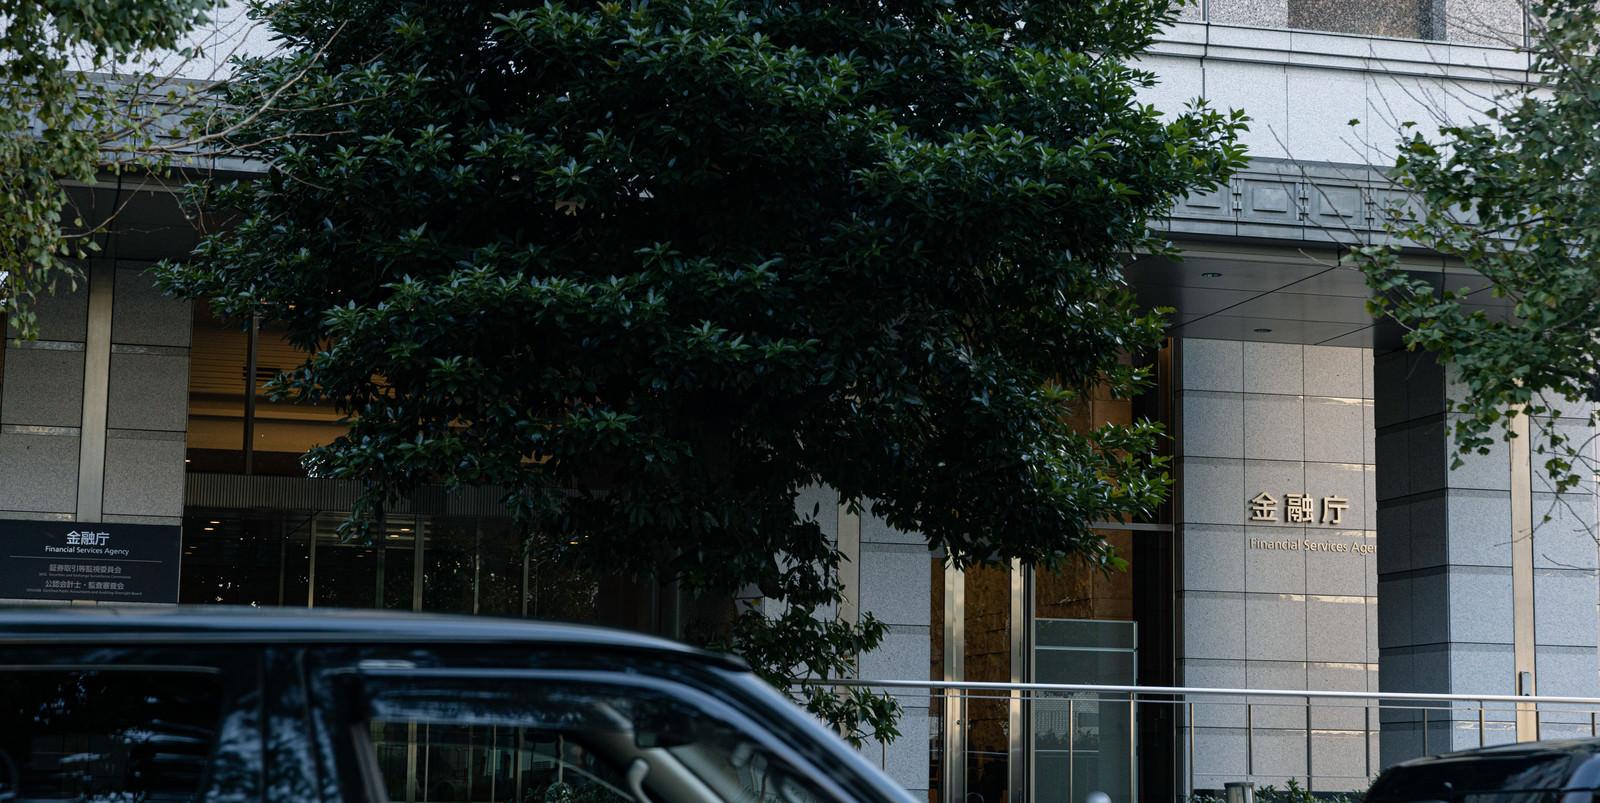 「街路樹の陰から見える金融庁名」の写真